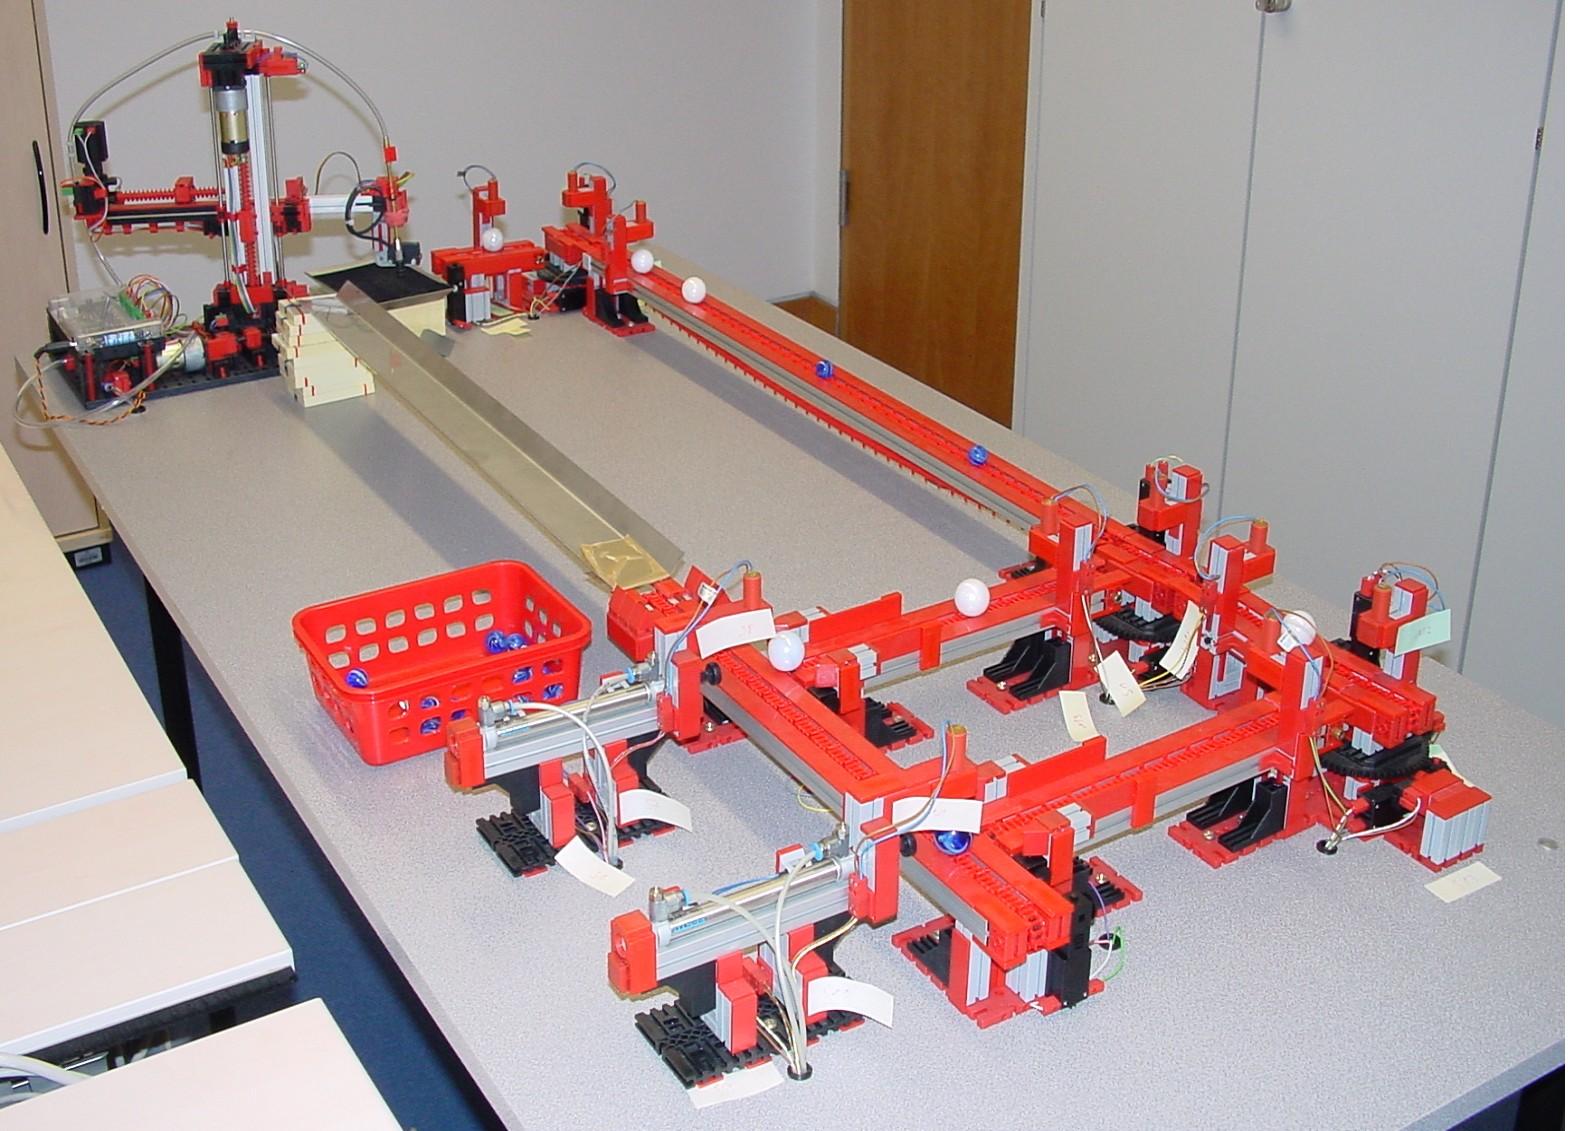 a miniature production line built with Fischertechnik